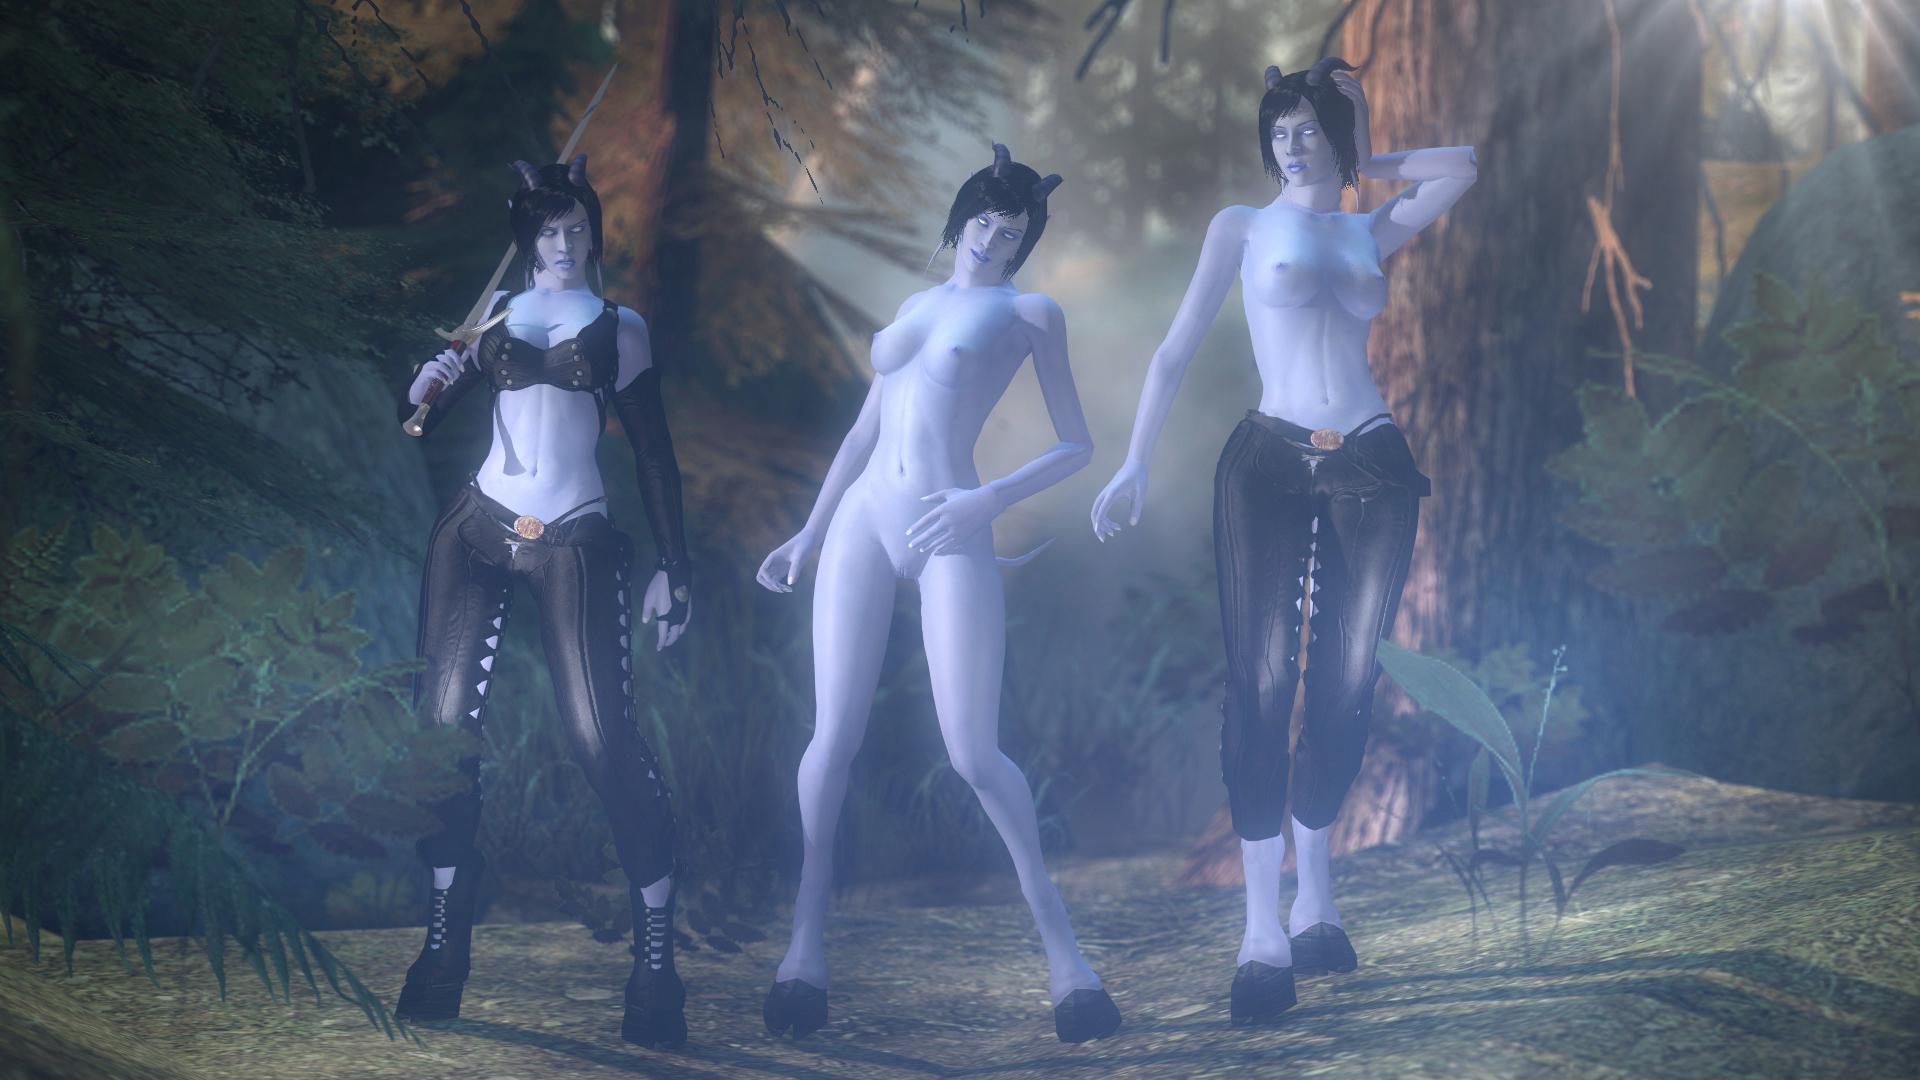 Deus ex nude mod nude gallery